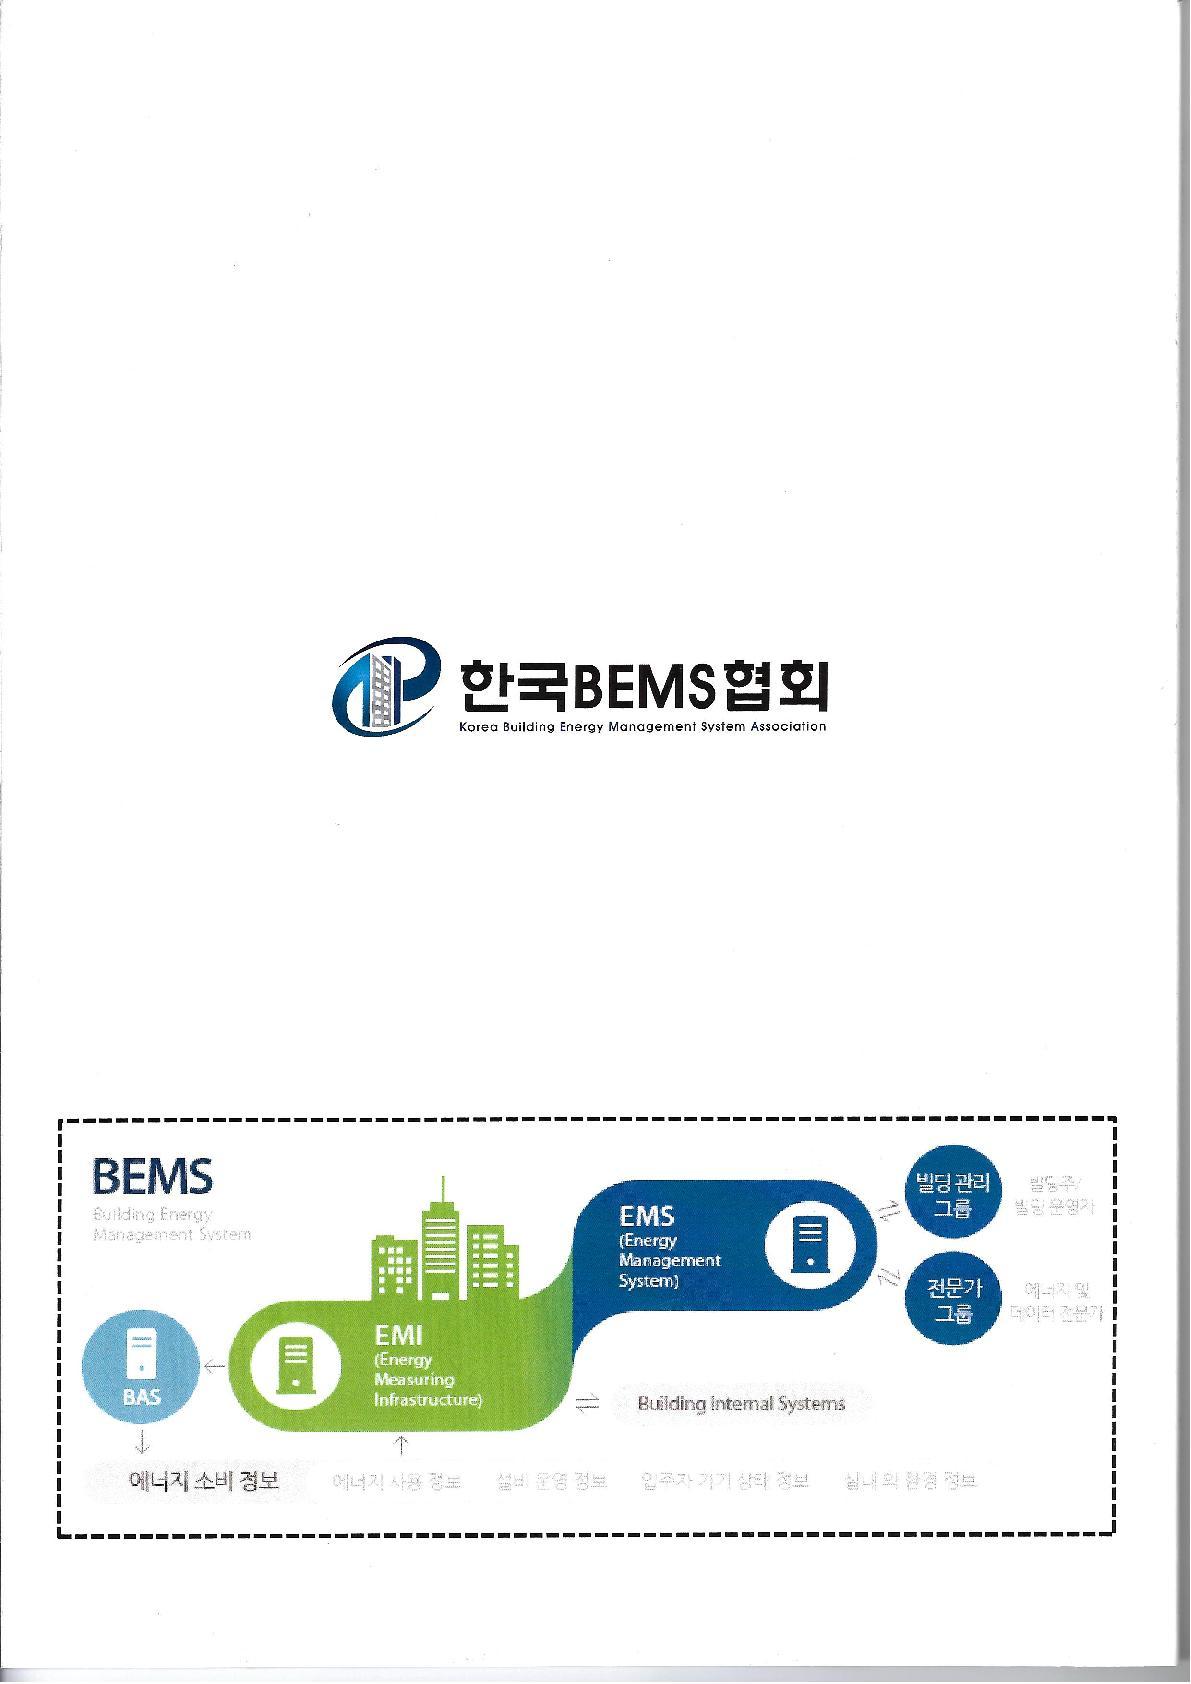 최신 에너지관리기술 동향 및 에너지절감 EMS 솔루션 기술교육 세미나_표지_2.jpg